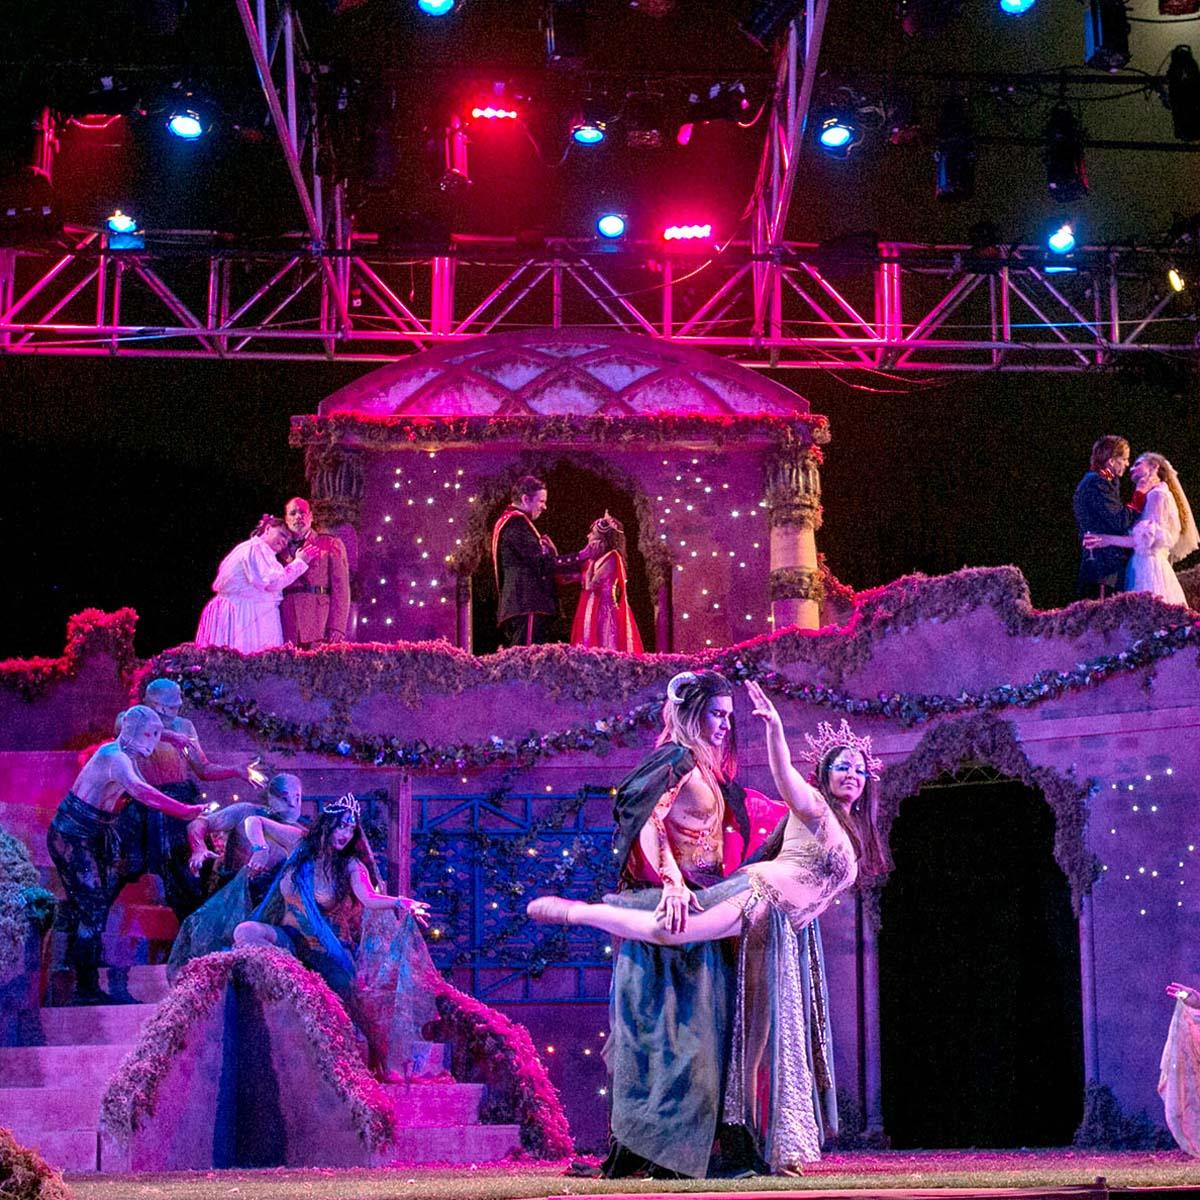 Midsummer_Nights_Dream_2016_Kingsmen Shakespeare02.jpg